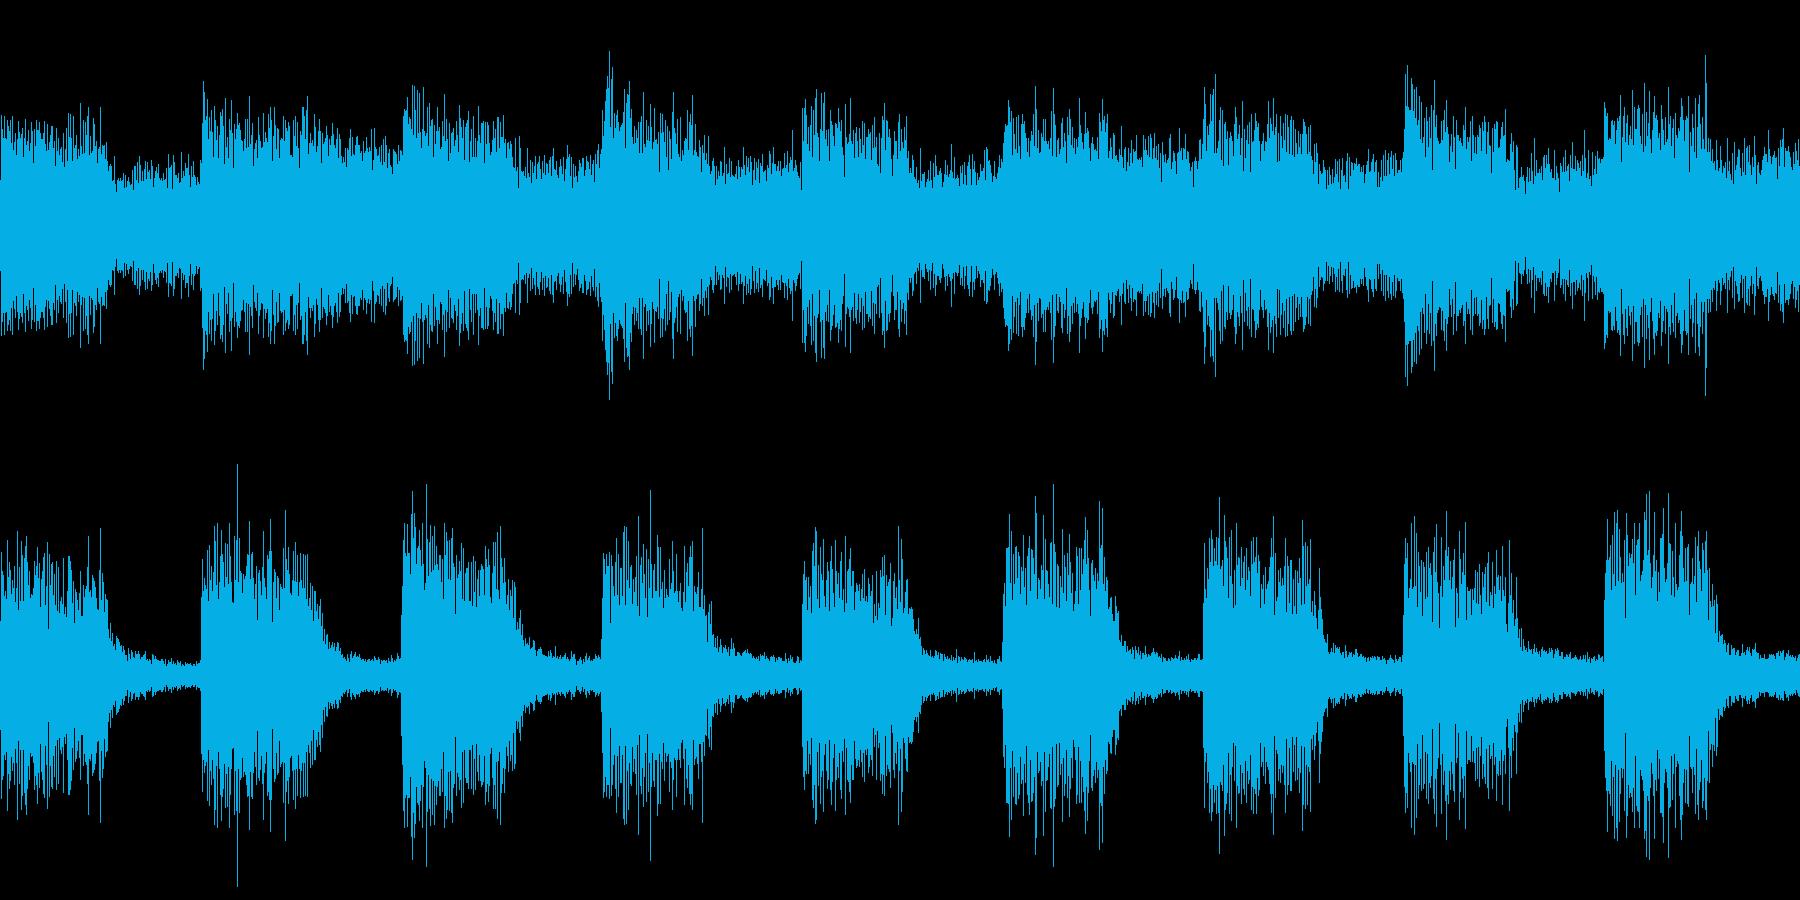 警告音・アラーム・機械(ループ)の再生済みの波形